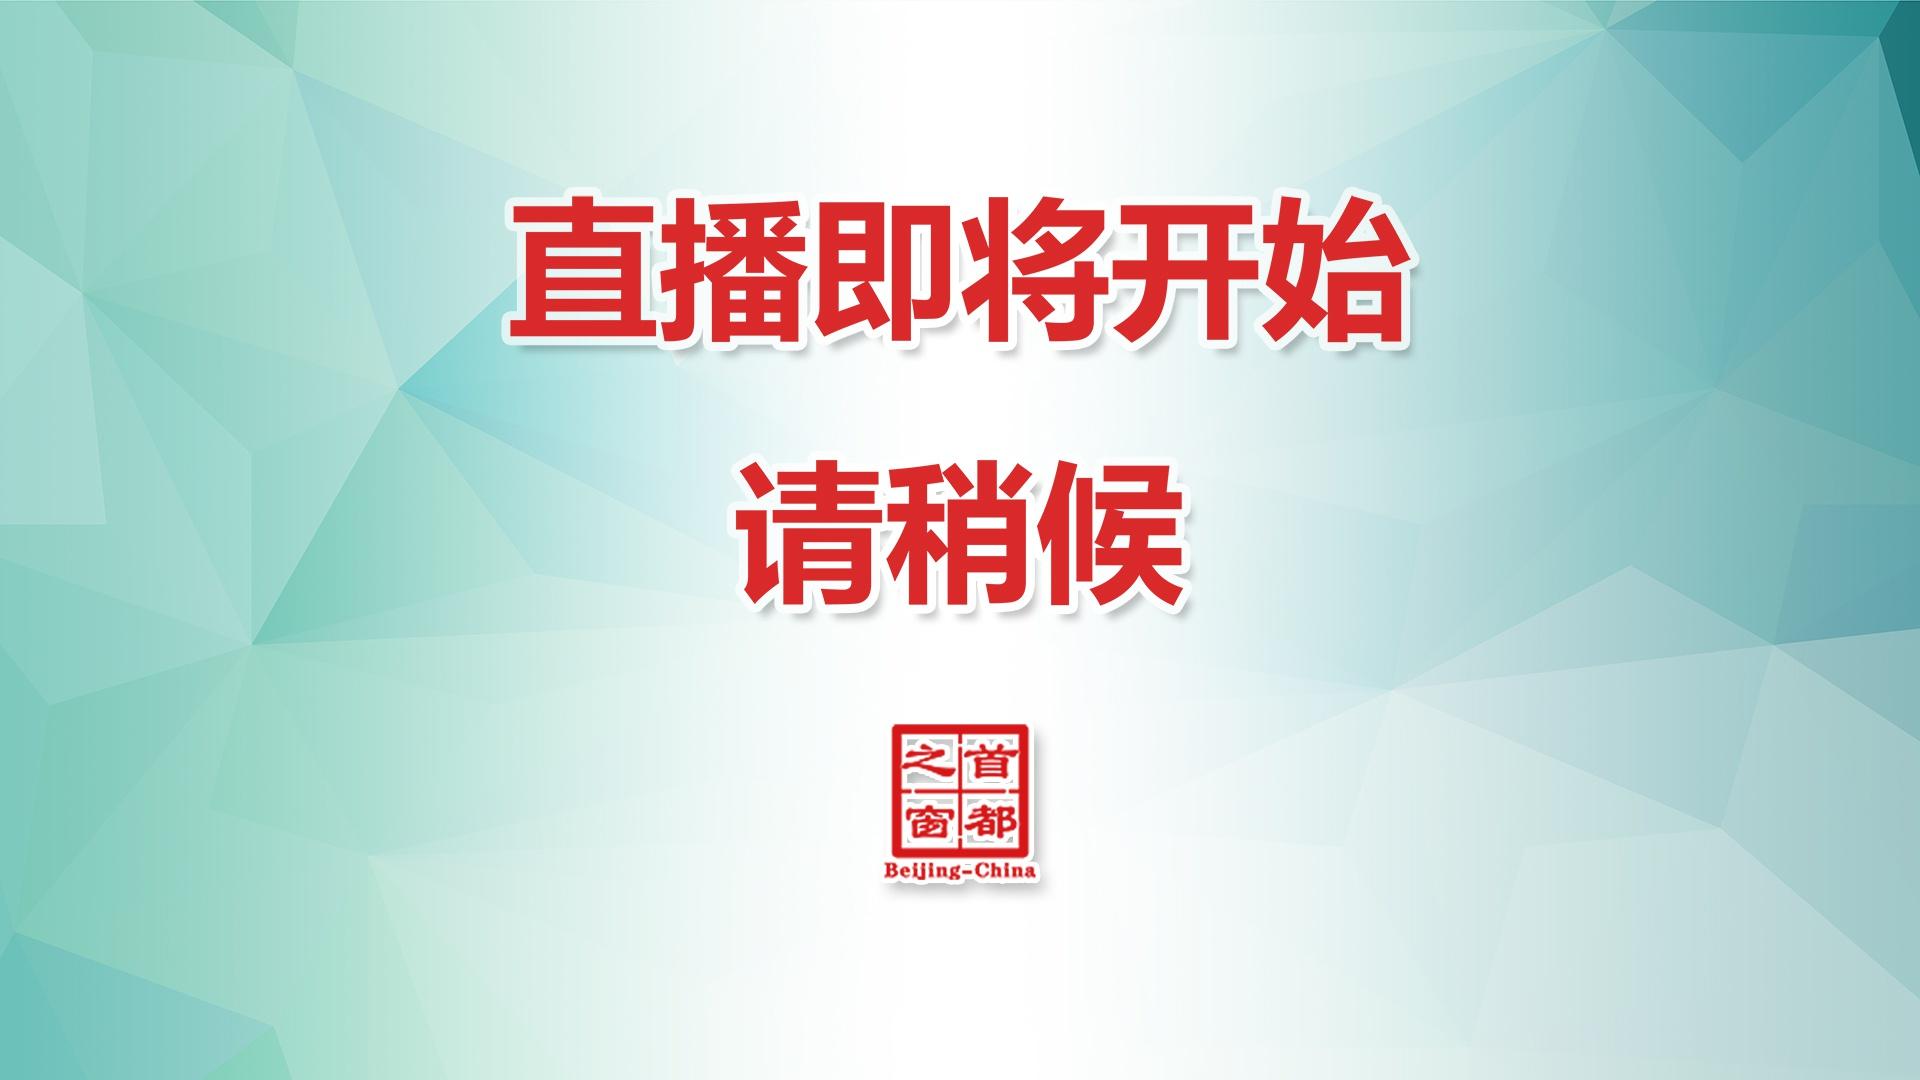 摩天登录,第3期北京市摩天登录小客车指标摇号图片